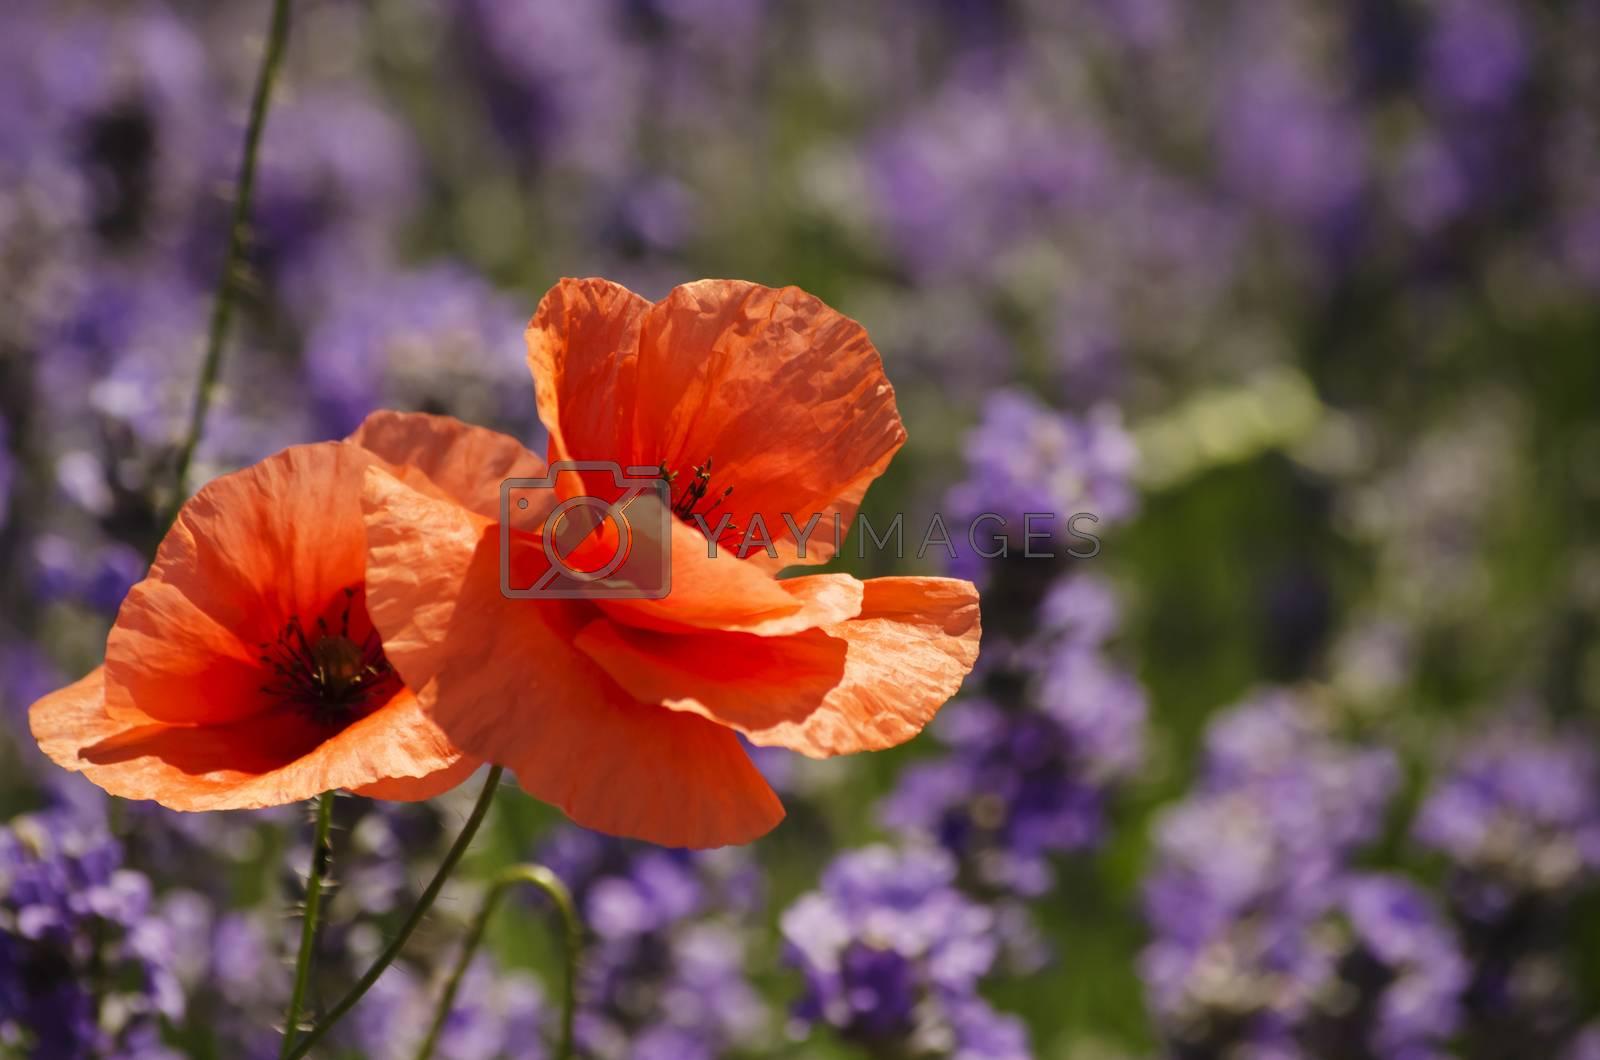 Poppy Flower by razvodovska